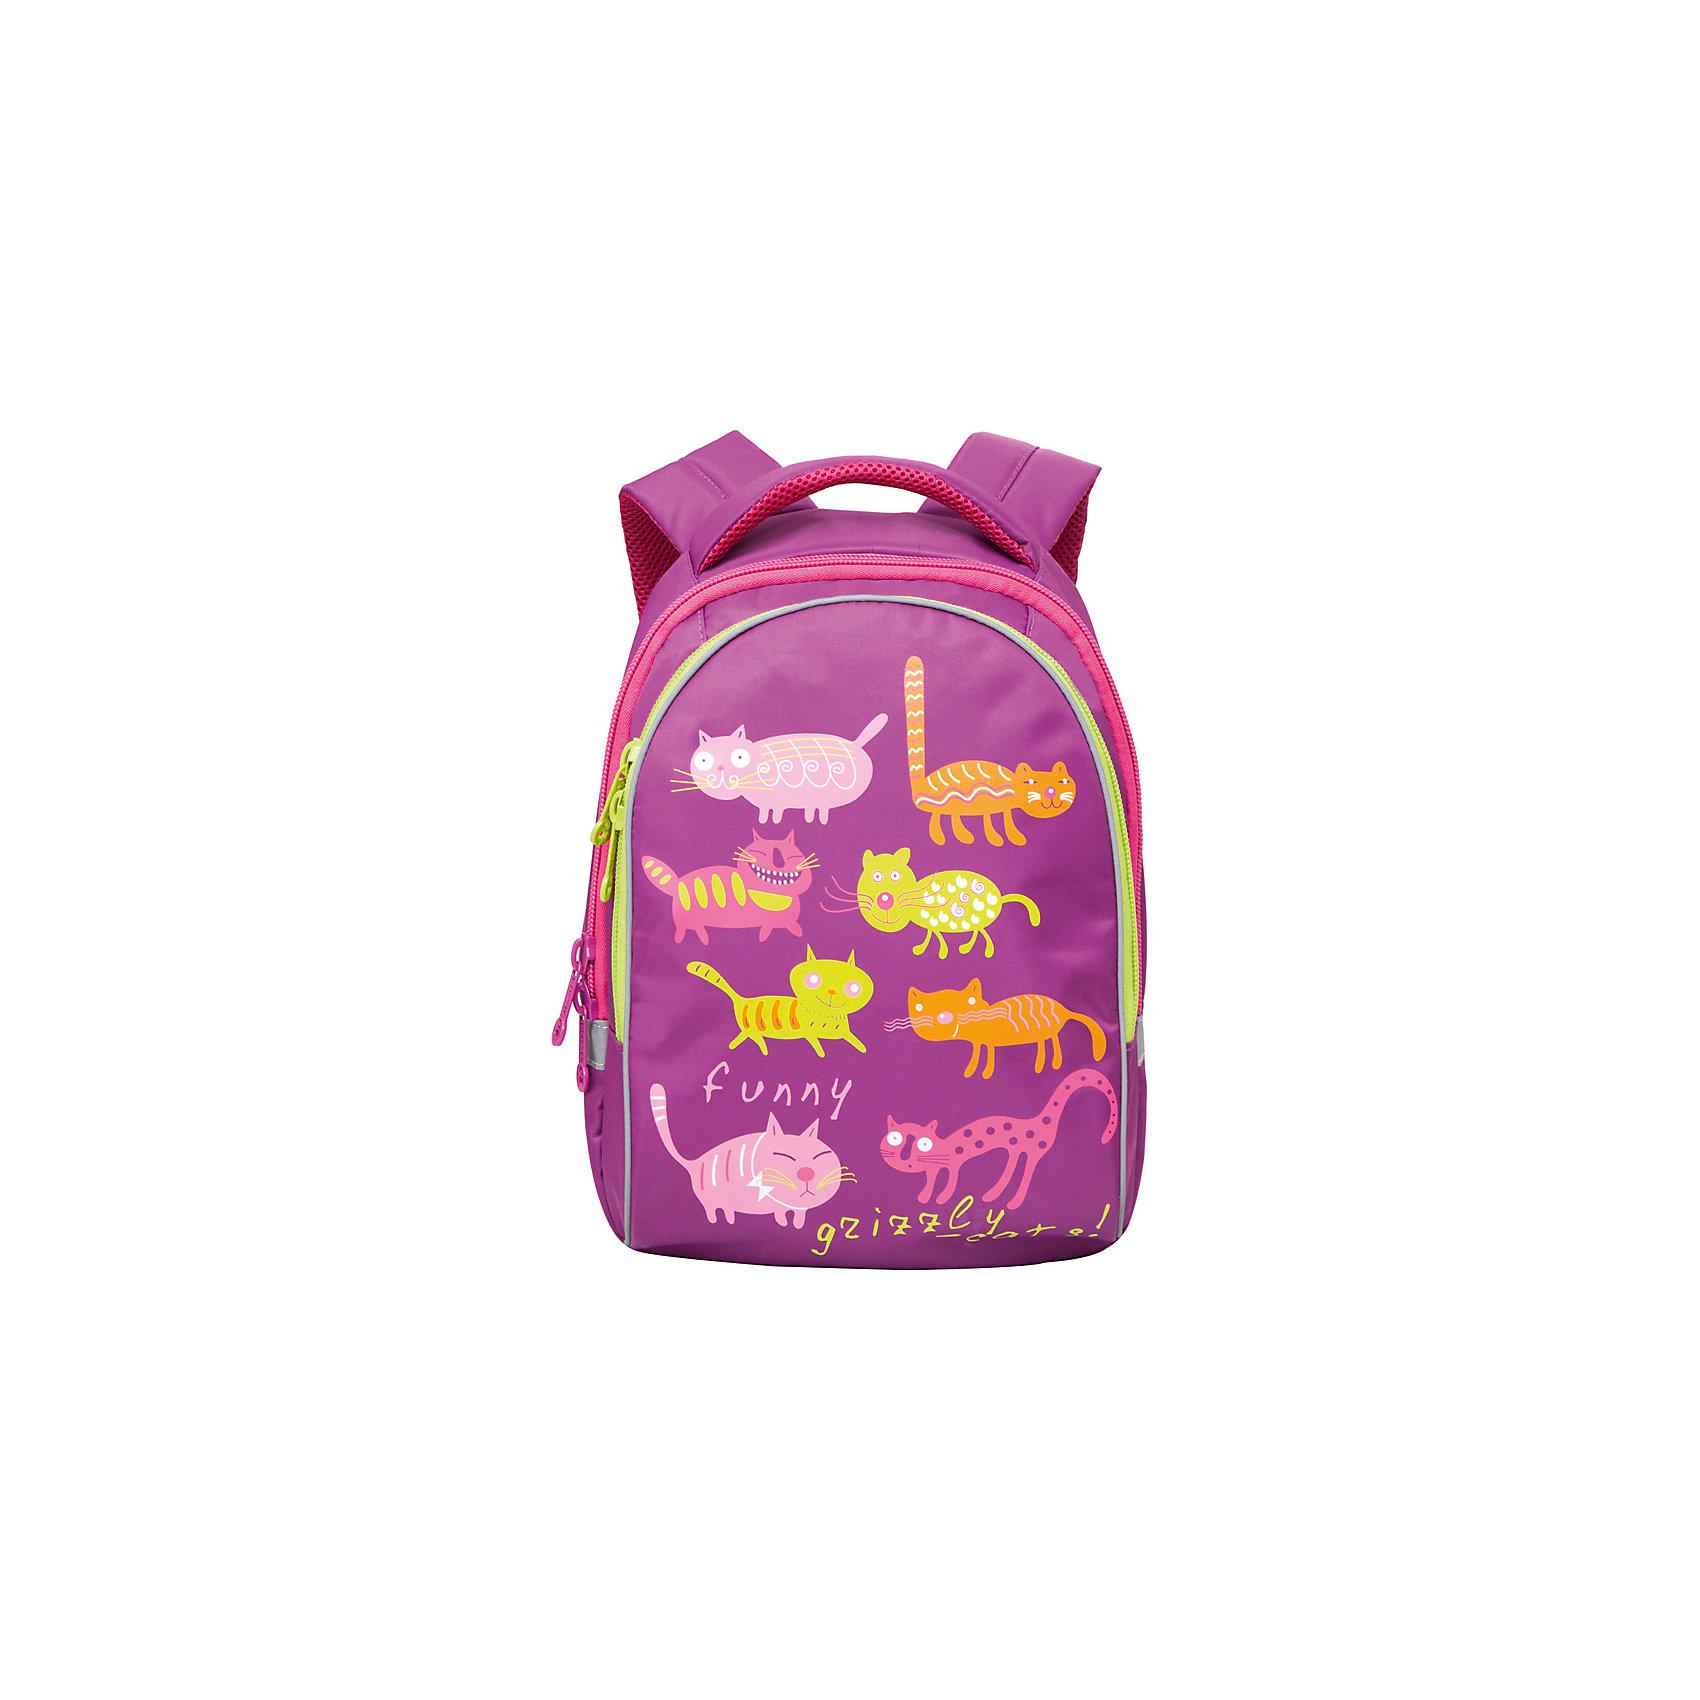 Grizzly Рюкзак школьный Funny cats, лиловыйРюкзаки<br>Яркий школьный рюкзак для девочки  с двумя объемными отделениями и пеналом-органайзером для канцелярии на лицевой стороне украшен забавных кошечек.<br><br>Дополнительная информация:<br><br>два отделения, <br>боковые карманы из сетки, <br>внутренний карман-пенал для карандашей, <br>жесткая ортопедическая спинка, <br>мягкая укрепленная ручка, <br>укрепленные регулируемые лямки, <br>светоотражающие элементы с четырех сторон<br>вес: 670 г<br>размер: 28х41х20см<br><br>Рюкзак школьный Funny cats, лиловый можно купить в нашем магазине.<br><br>Ширина мм: 280<br>Глубина мм: 170<br>Высота мм: 380<br>Вес г: 500<br>Возраст от месяцев: 72<br>Возраст до месяцев: 120<br>Пол: Женский<br>Возраст: Детский<br>SKU: 4632777